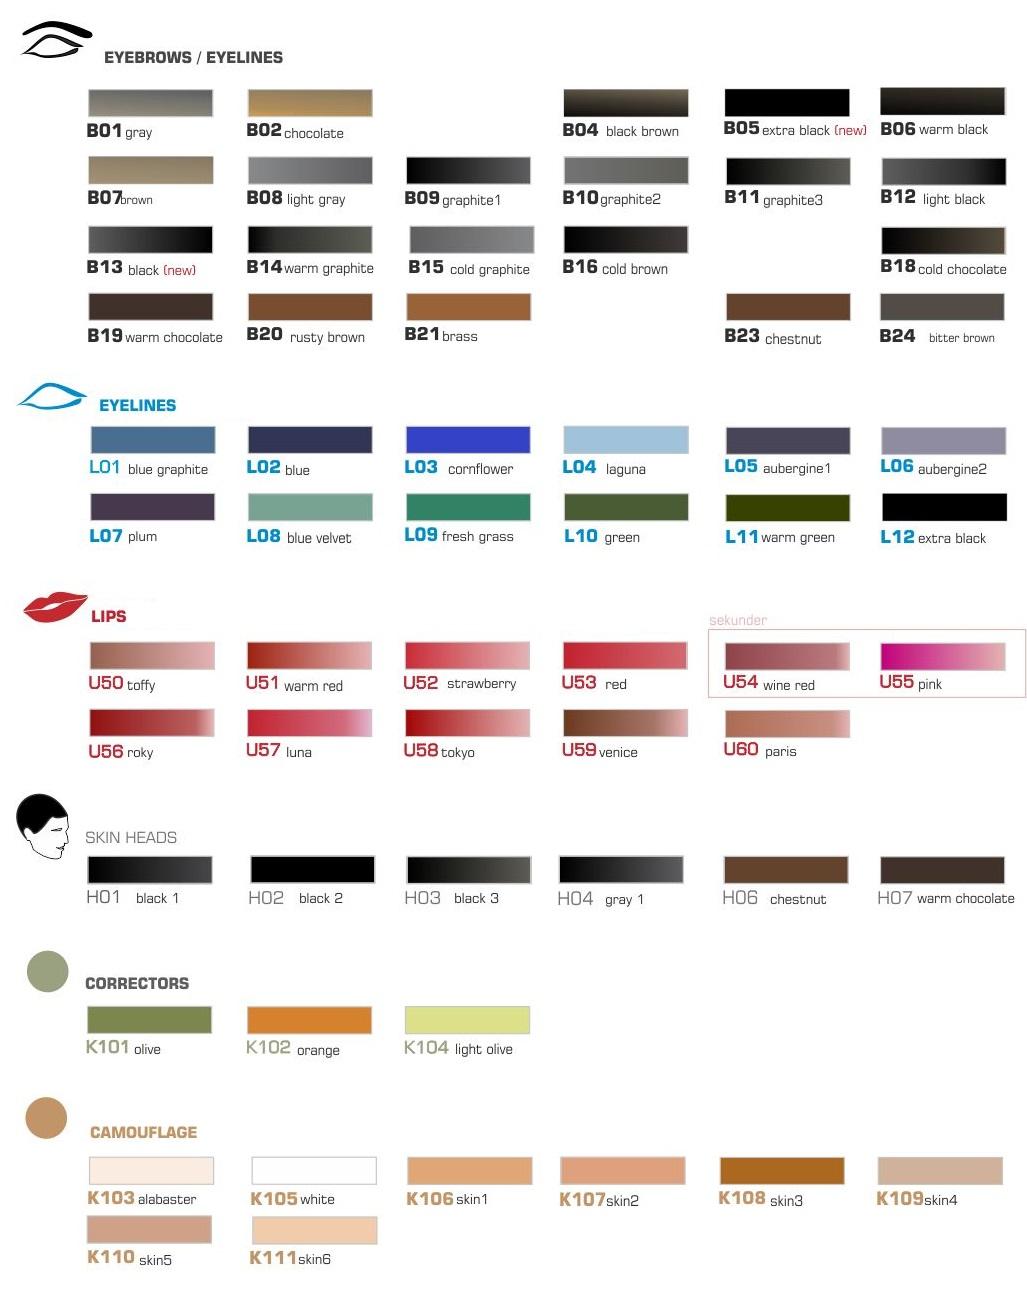 professionelle-microblading-pigmente